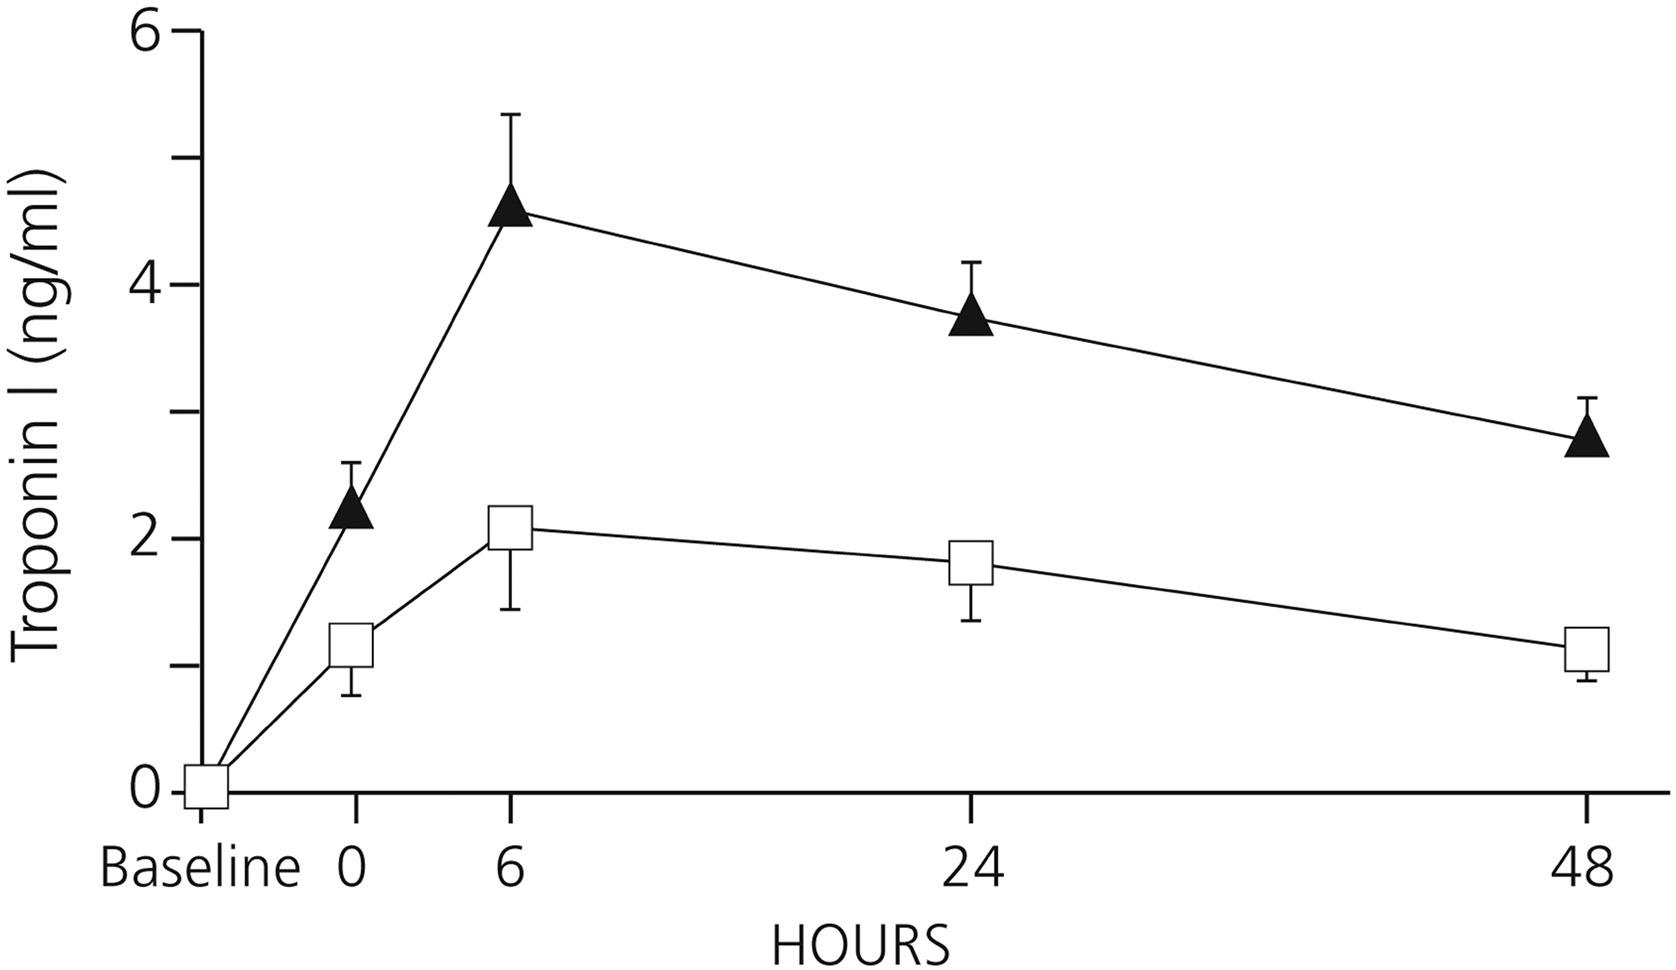 Preoperative And Perioperative Use Of Levosimendan In